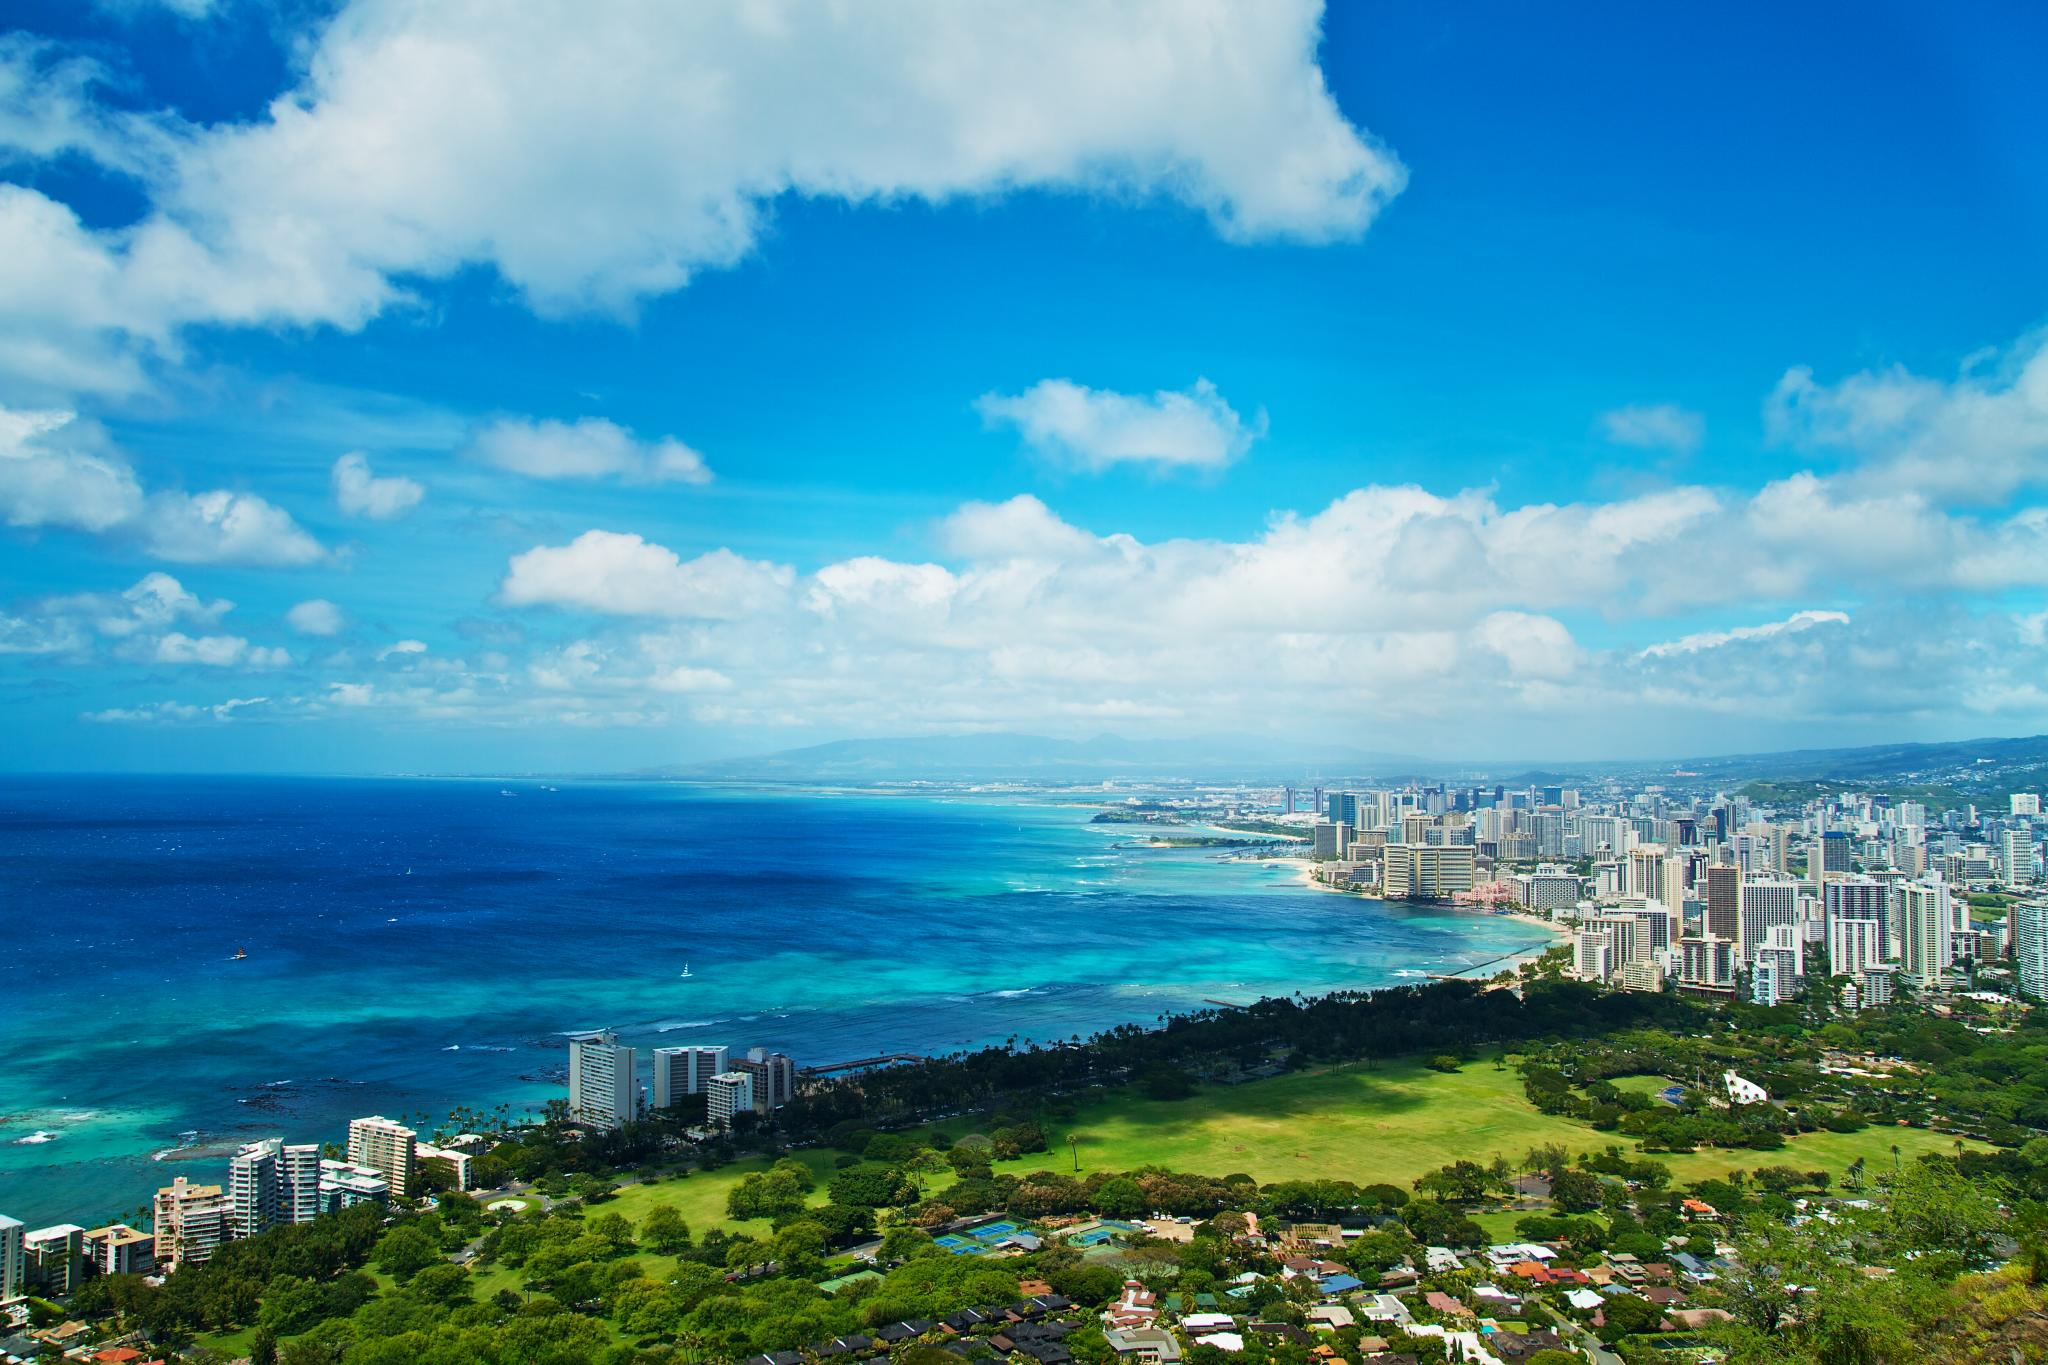 ハワイ旅行が安い時期はいつ?飛行機代の最安値はどれくらい?